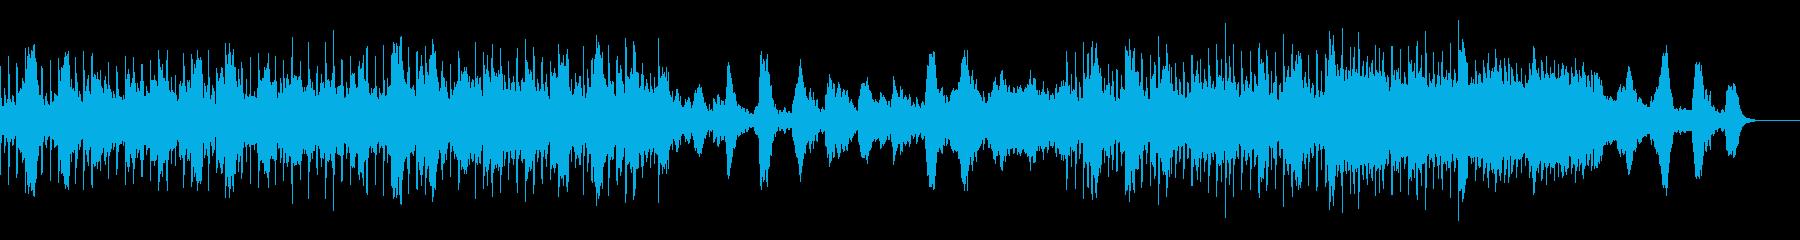 不穏な音が繰り返されるダークなテクノの再生済みの波形